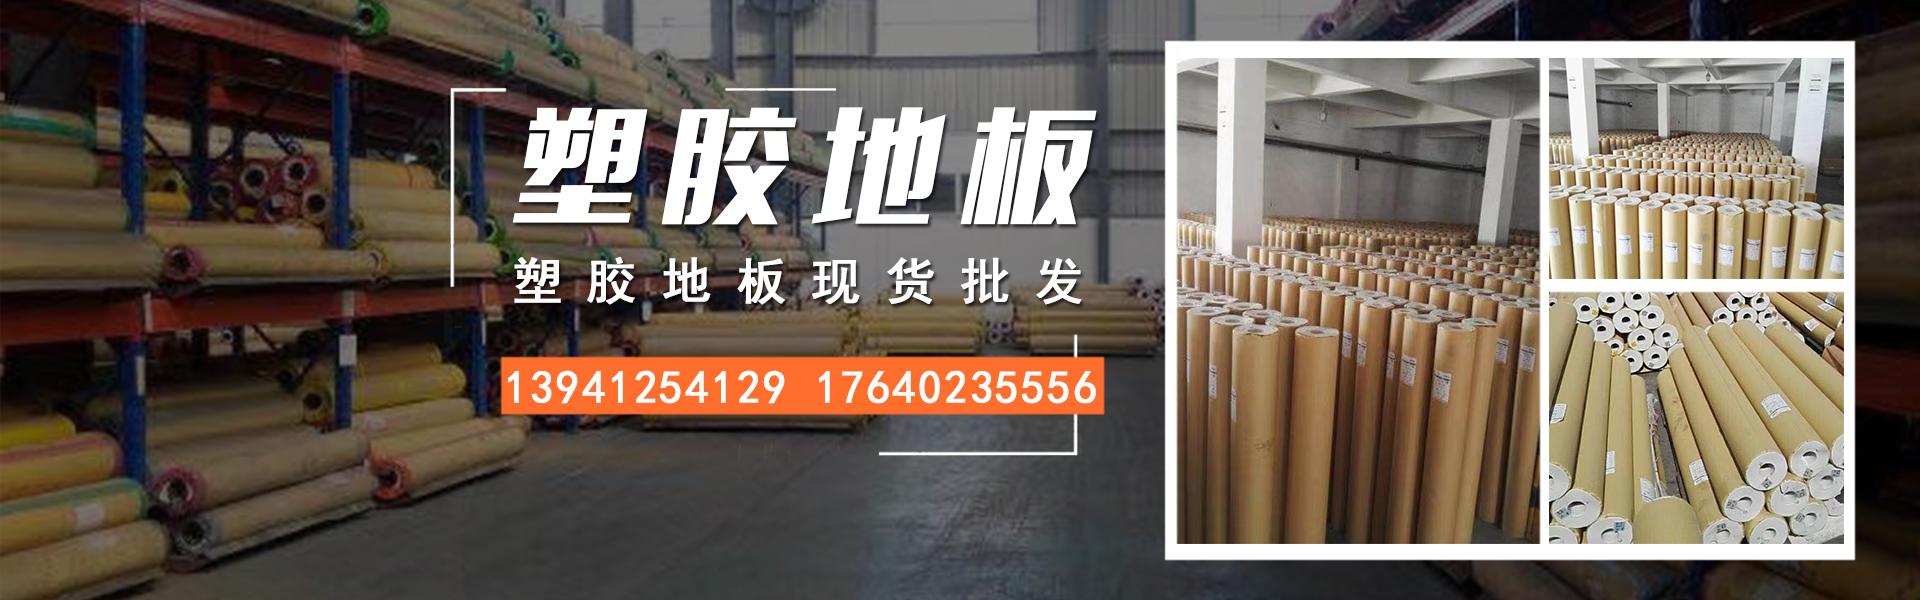 沈阳悬浮拼装,沈阳塑胶地板,沈阳pvc塑胶地板,辽宁塑胶地板